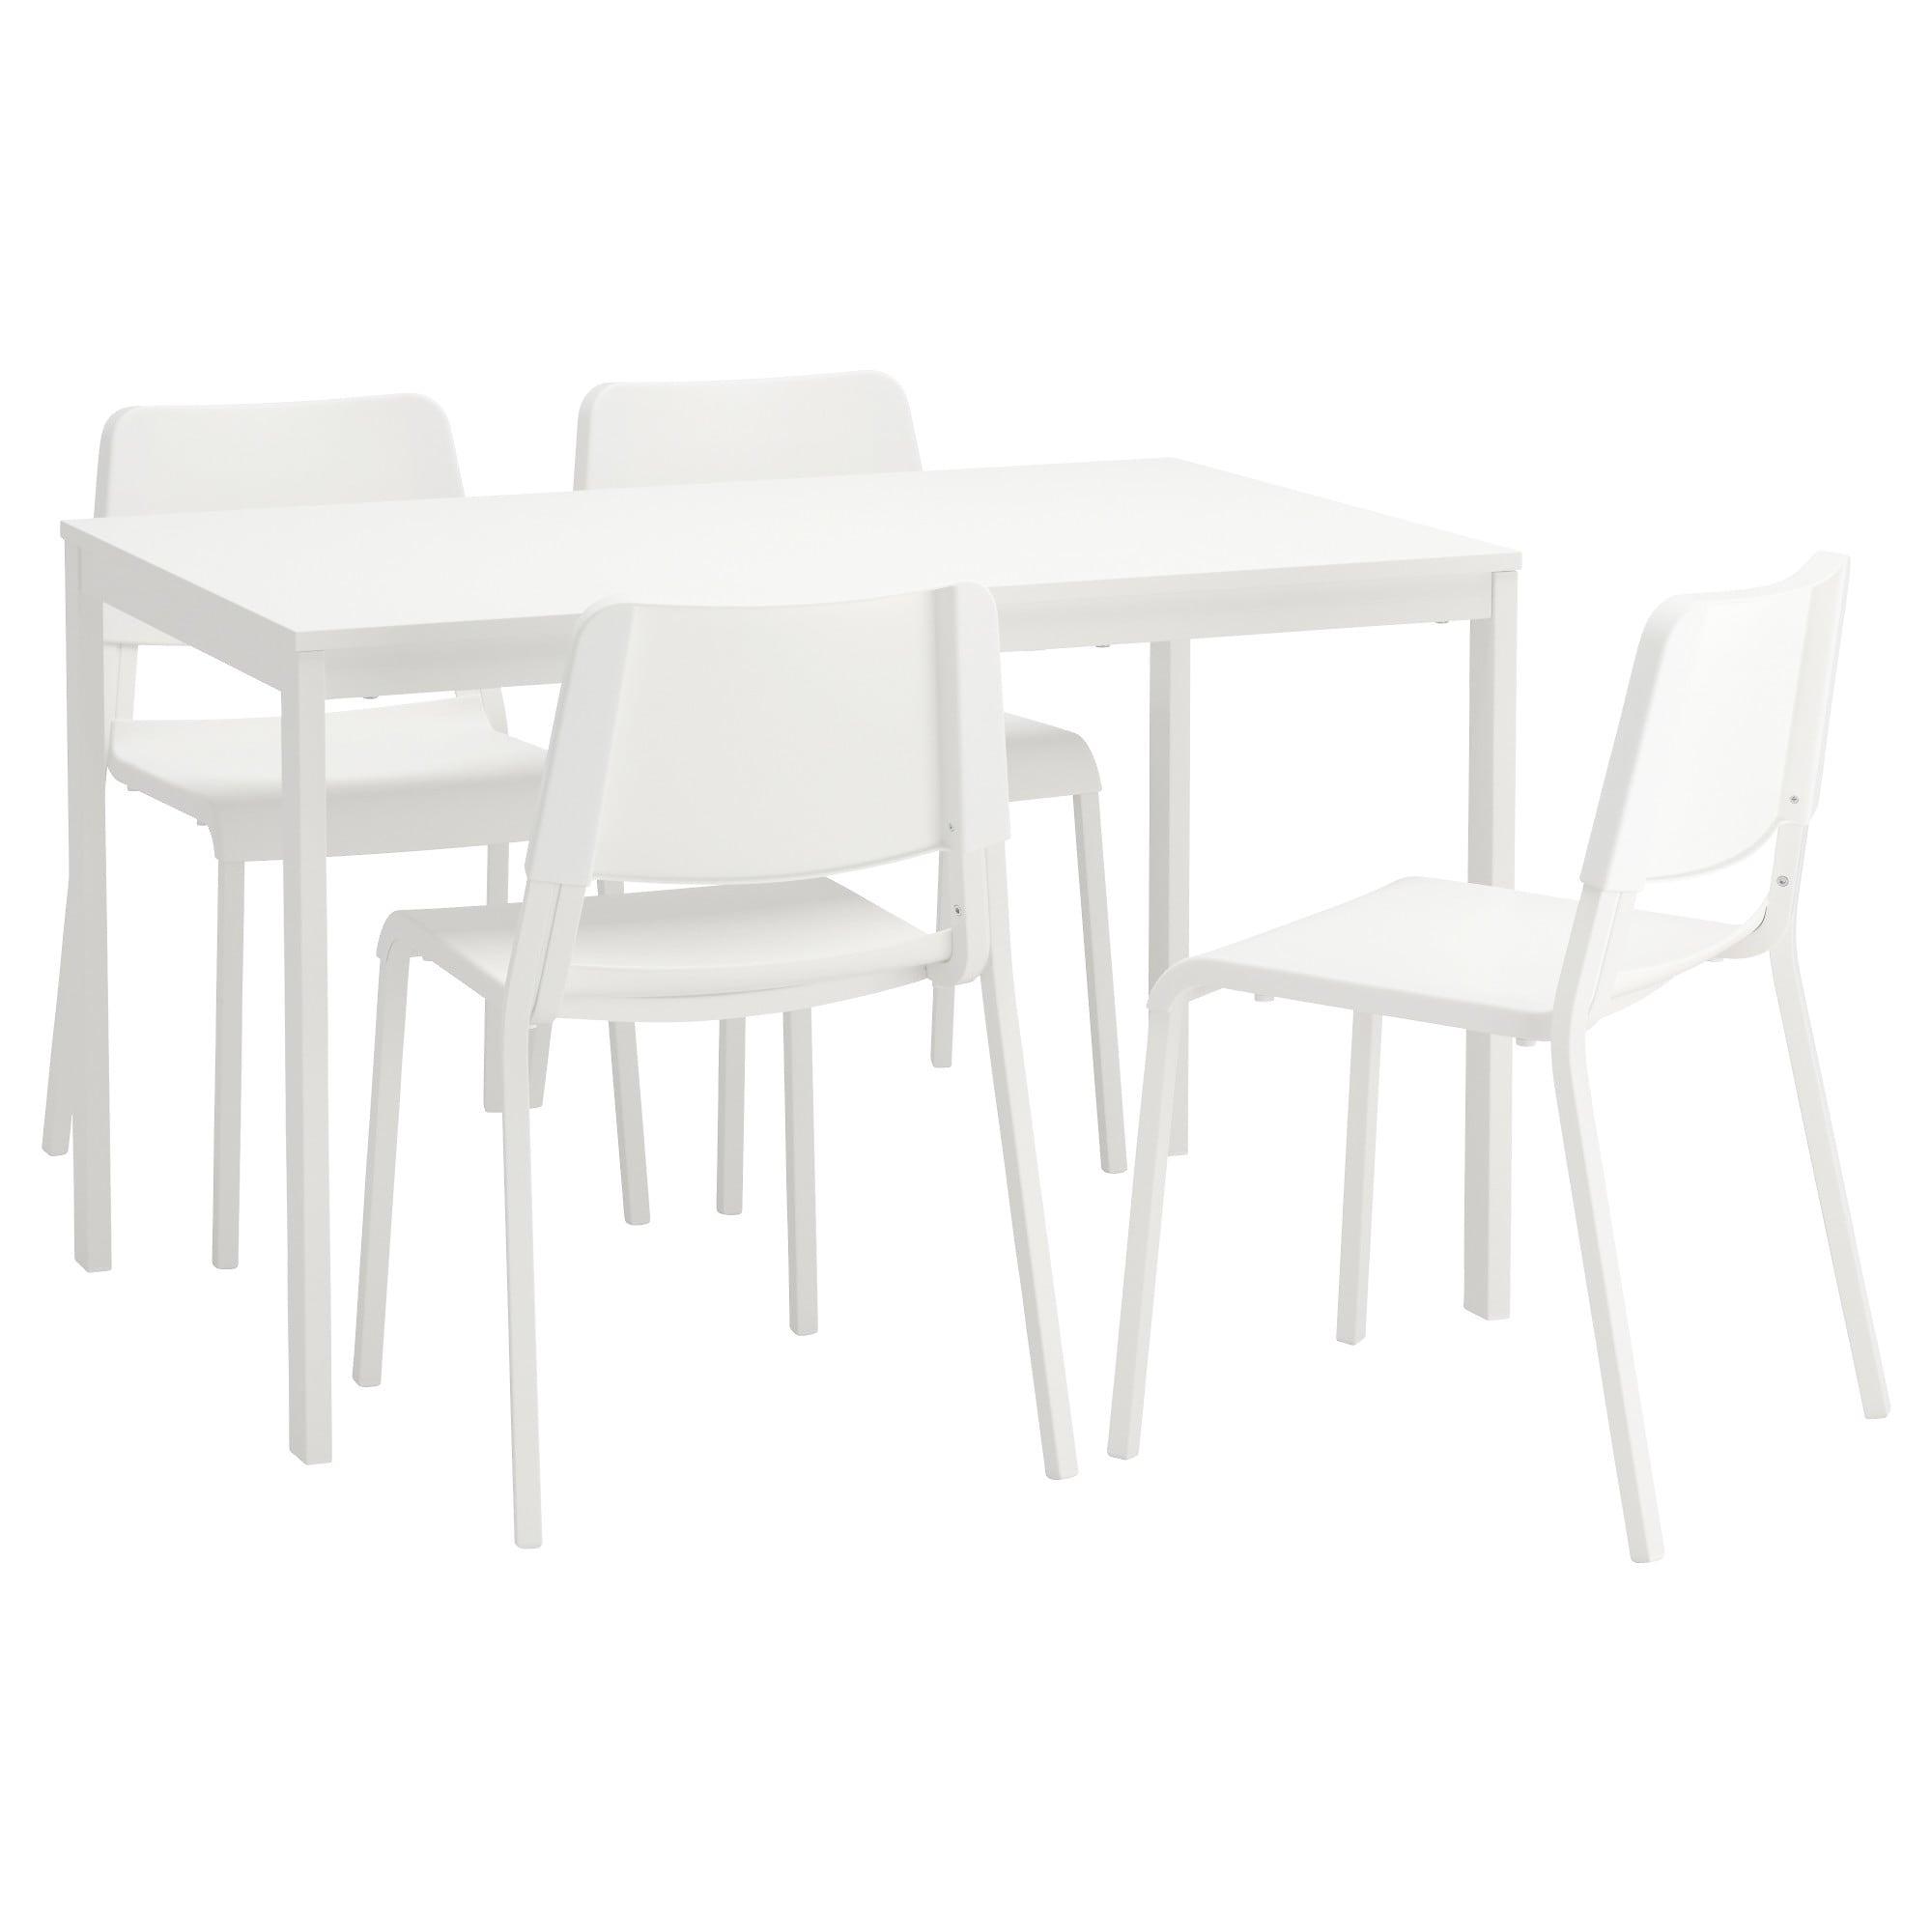 Mesas Y Sillas Ikea Txdf Teodores Vangsta Mesa Con 4 Sillas Blanco Blanco 120 180 Cm Ikea